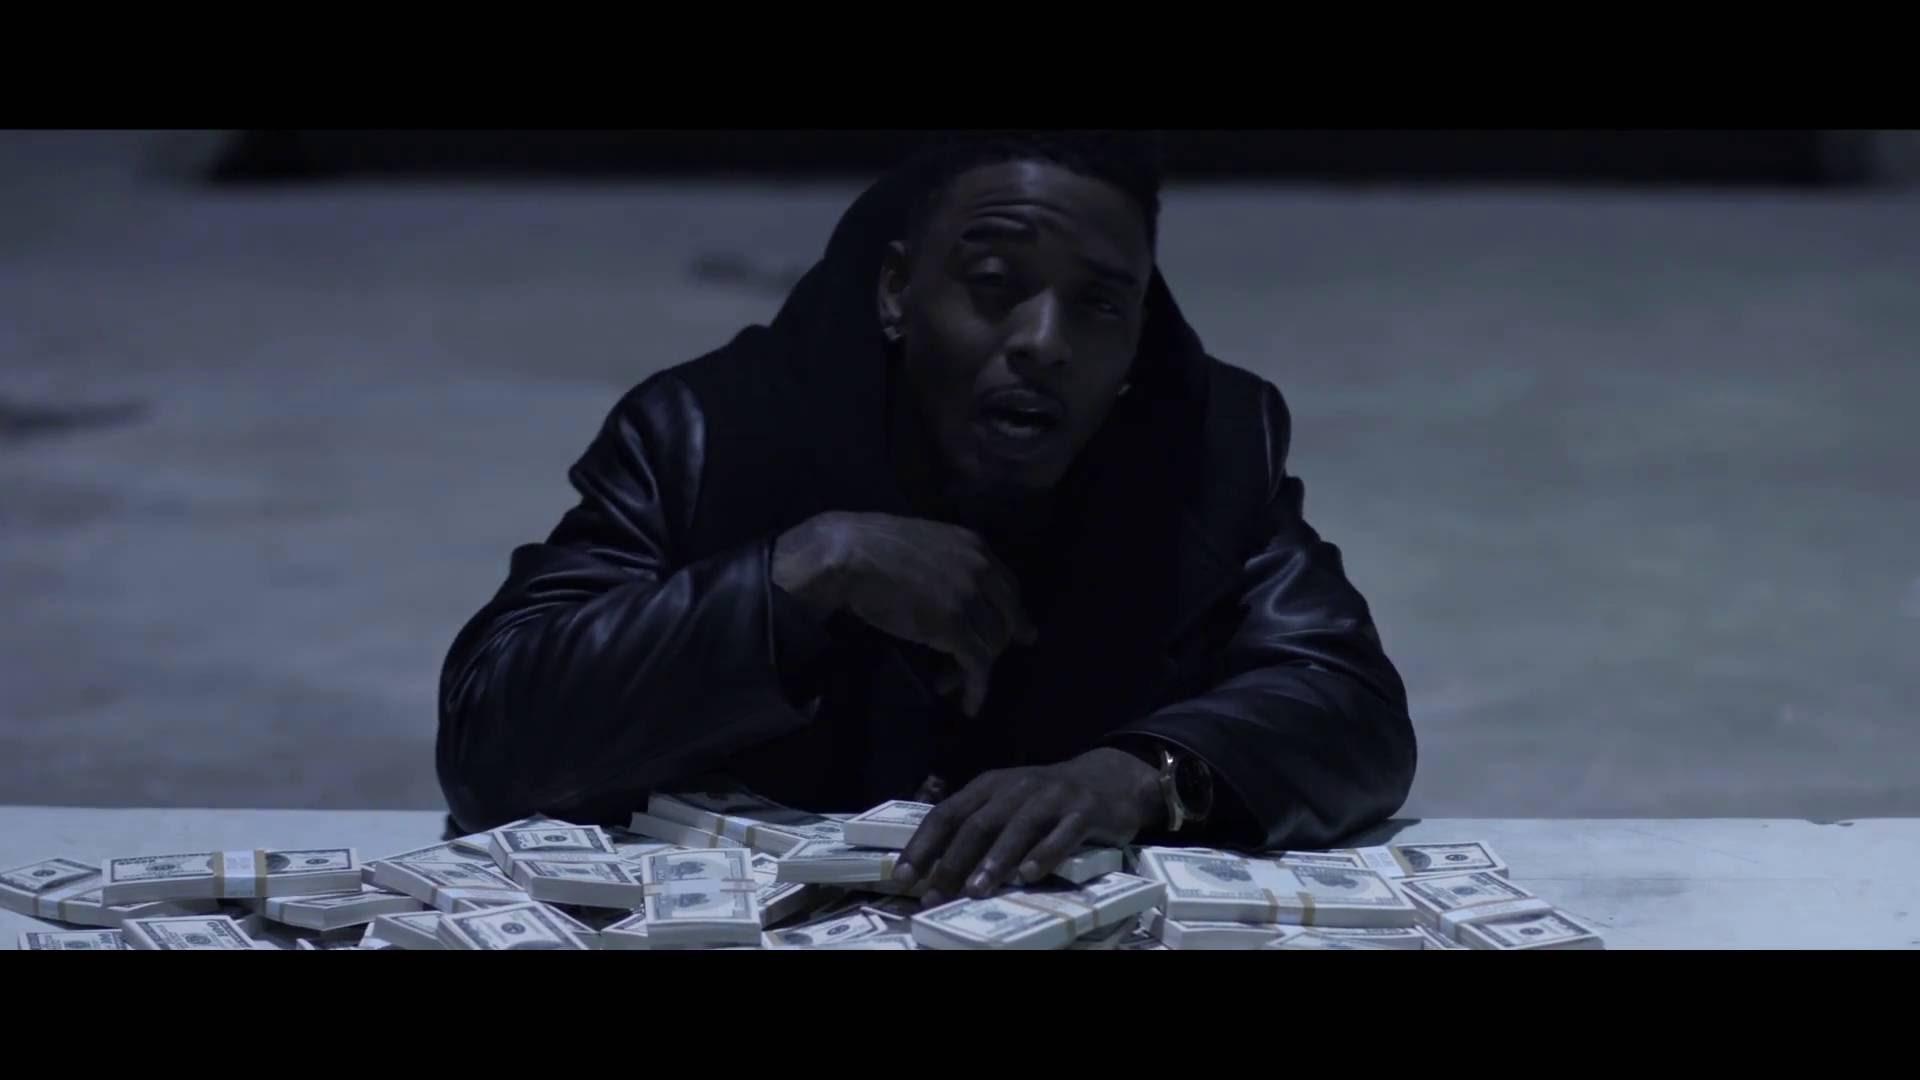 BloodTies (Lil Cezer & JayDotO) – Silent [Video]